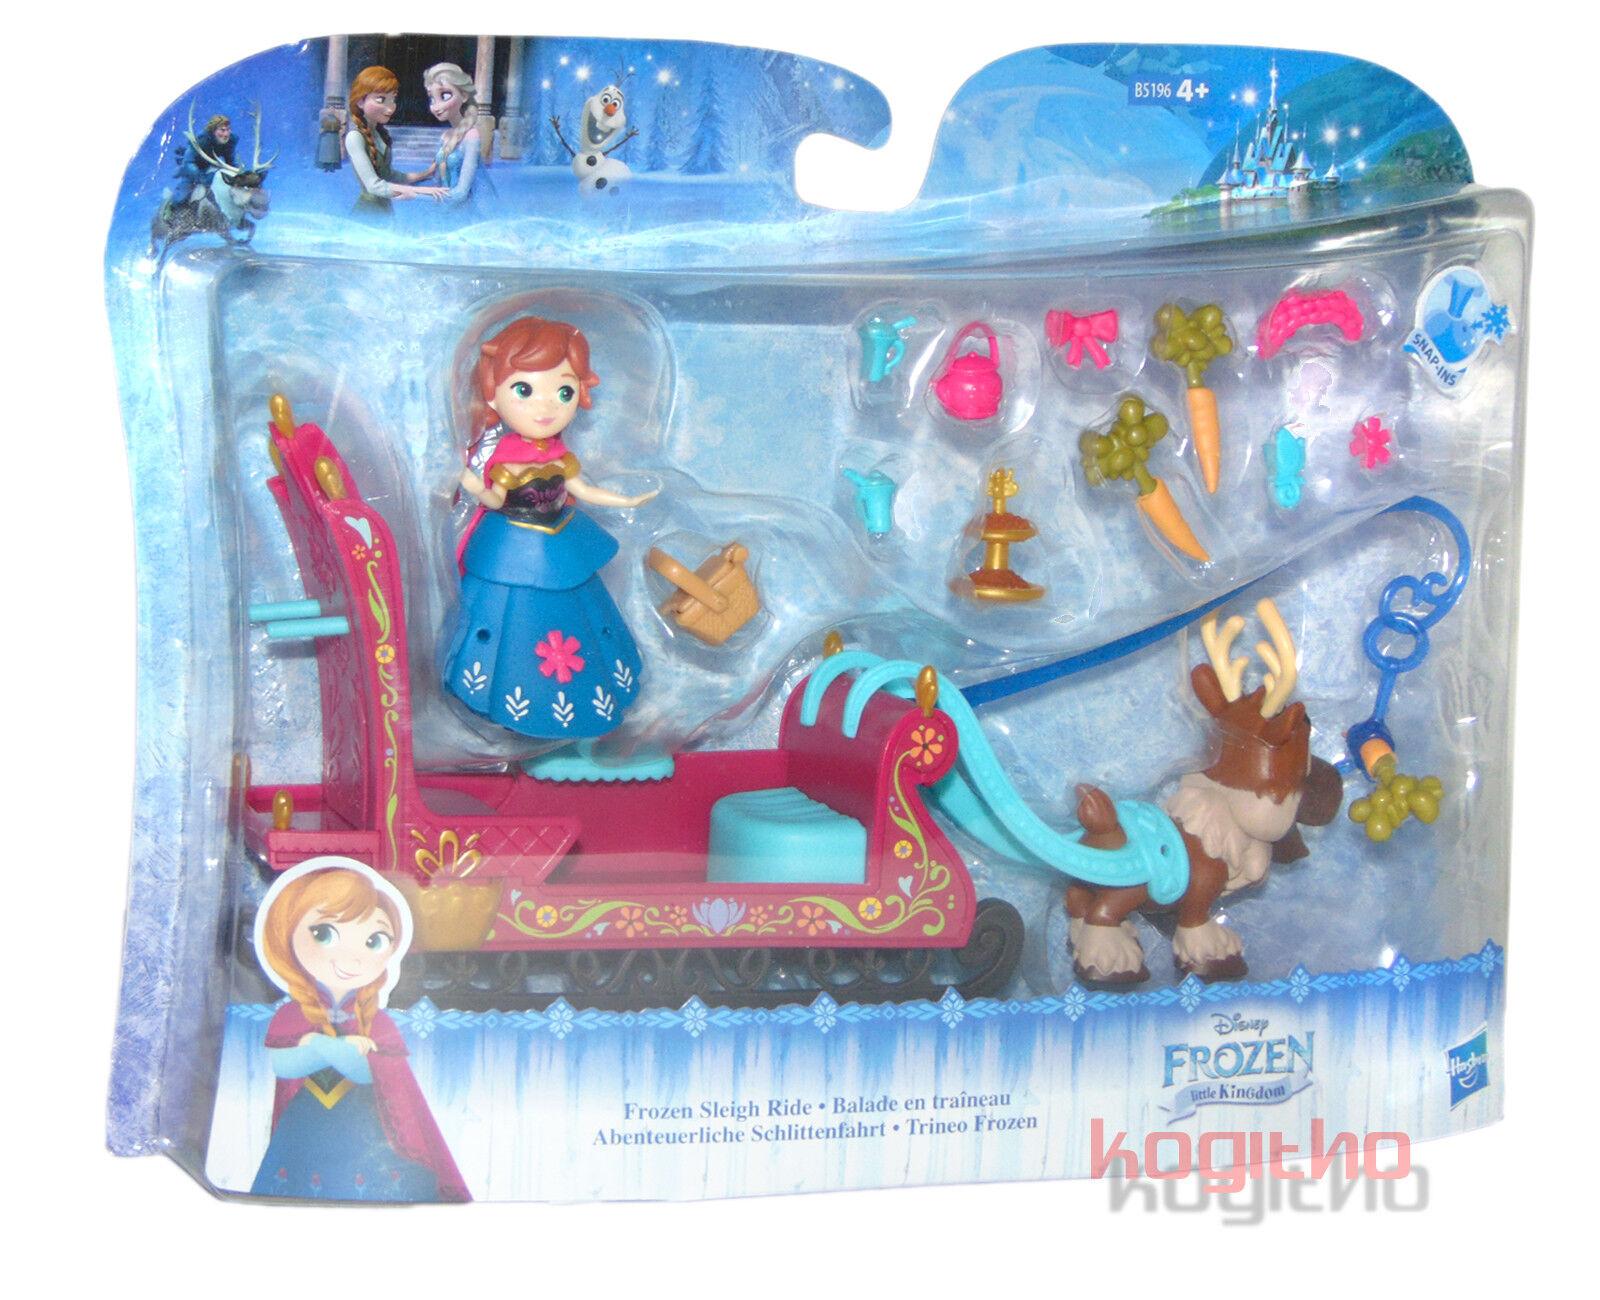 B5194eu4 Ice Kingdom Queen Little Hasbro da Pratico Set gioco uJlTKc3F15